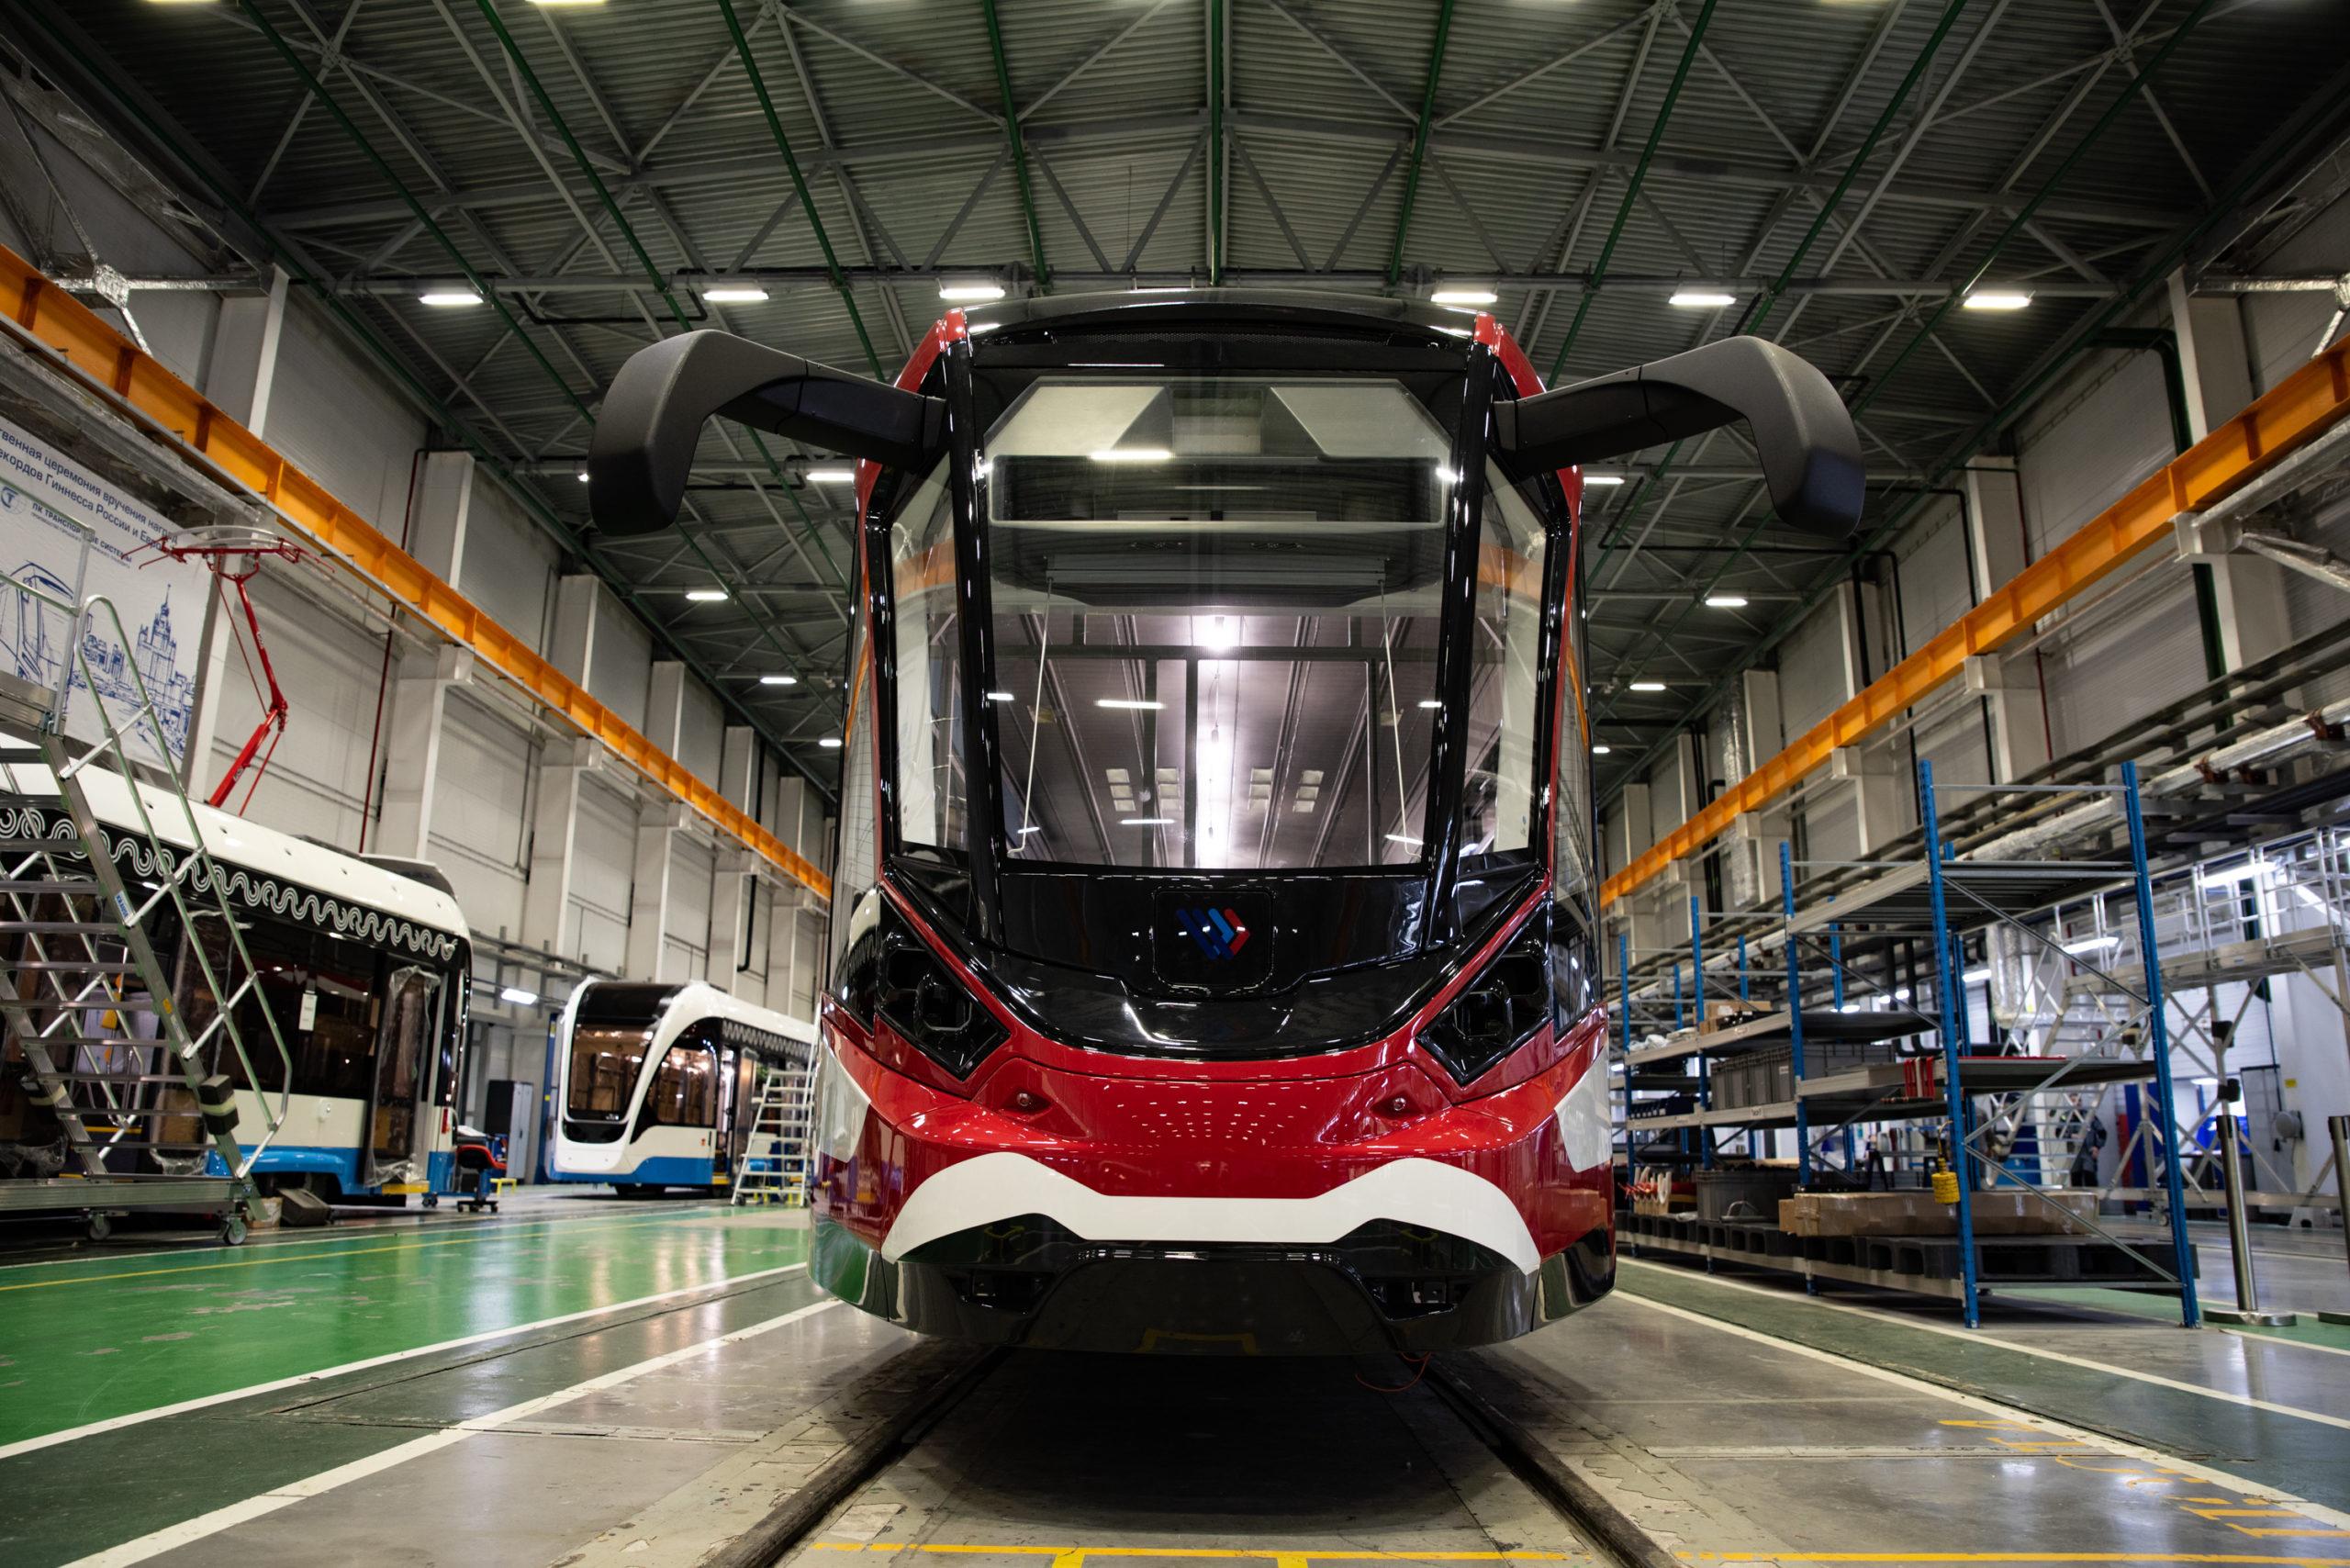 Тверской механический завод изготовил первый в России алюминиевый трамвай